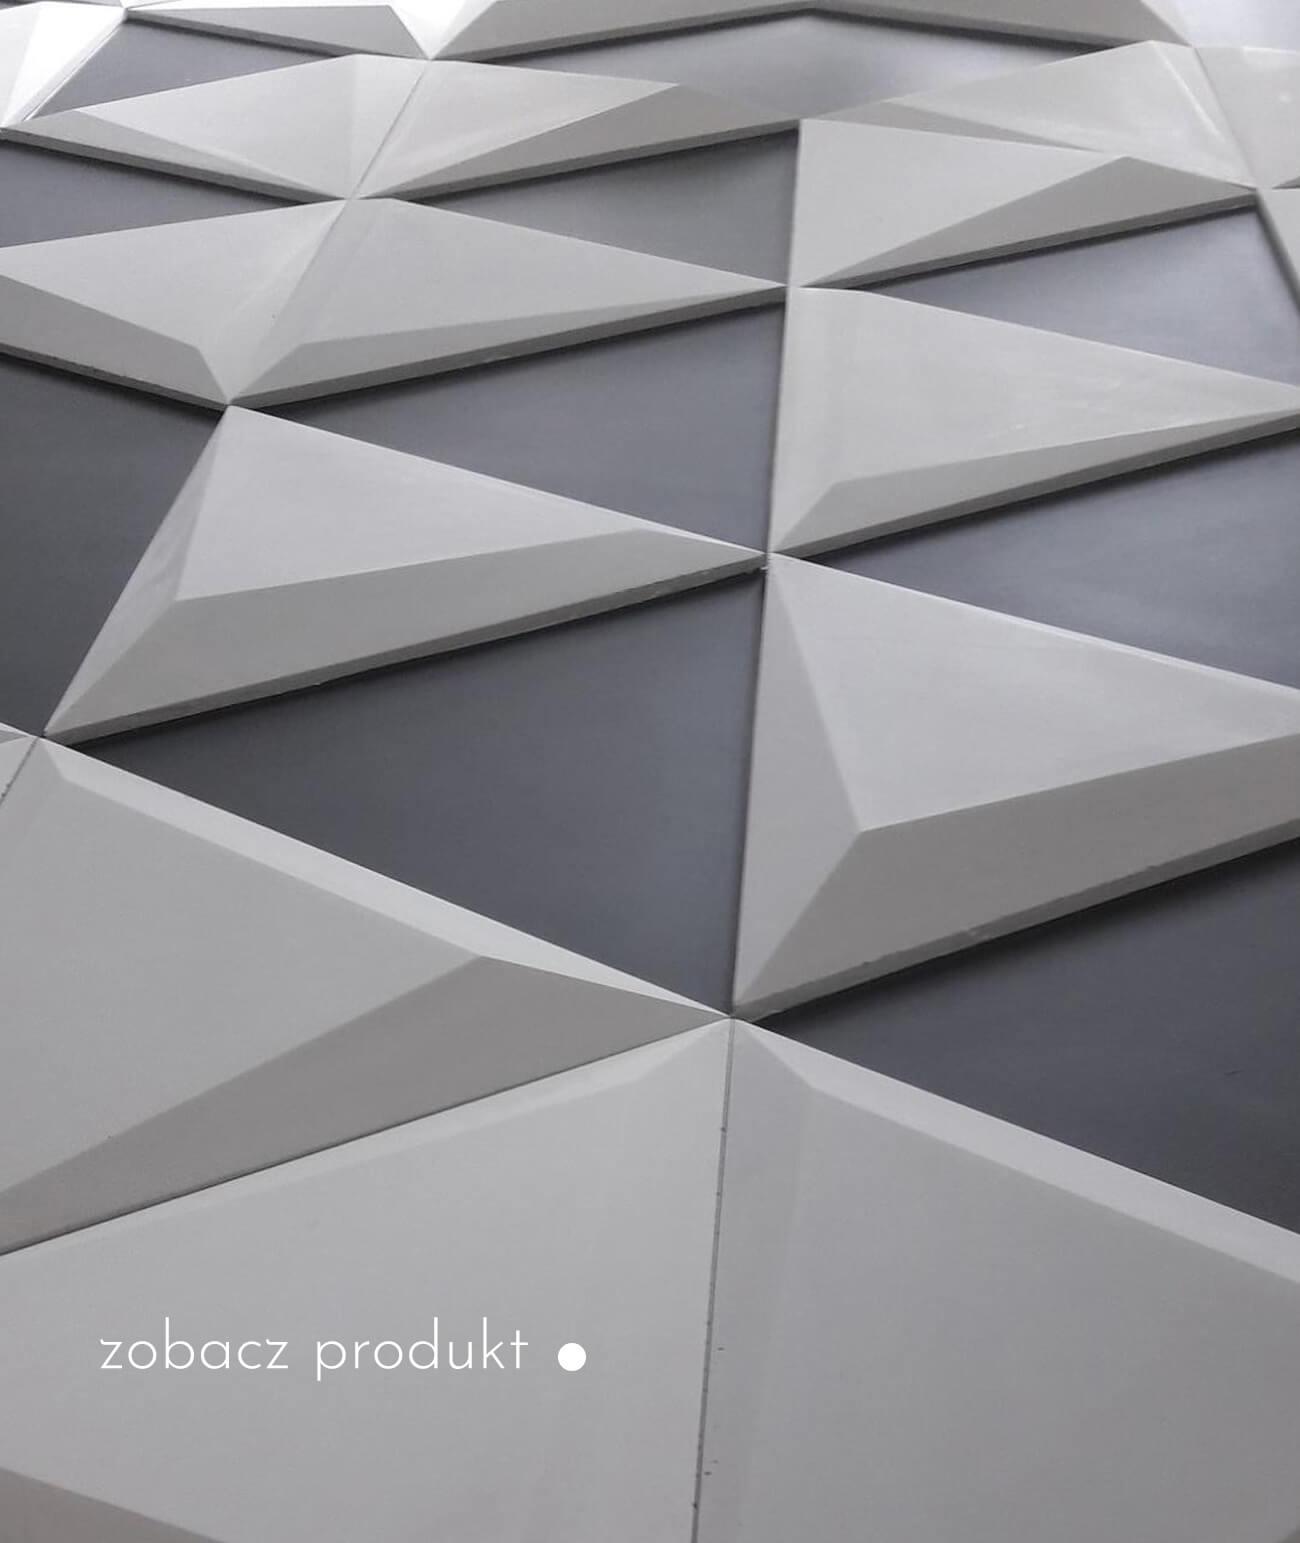 panele-betonowe-3d-scienne-i-elewacyjne-beton-architektoniczny_410-2252-pb36-bs-sniezno-bialy-triangle---panel-dekor-3d-beton-architektoniczny-panel-scienny